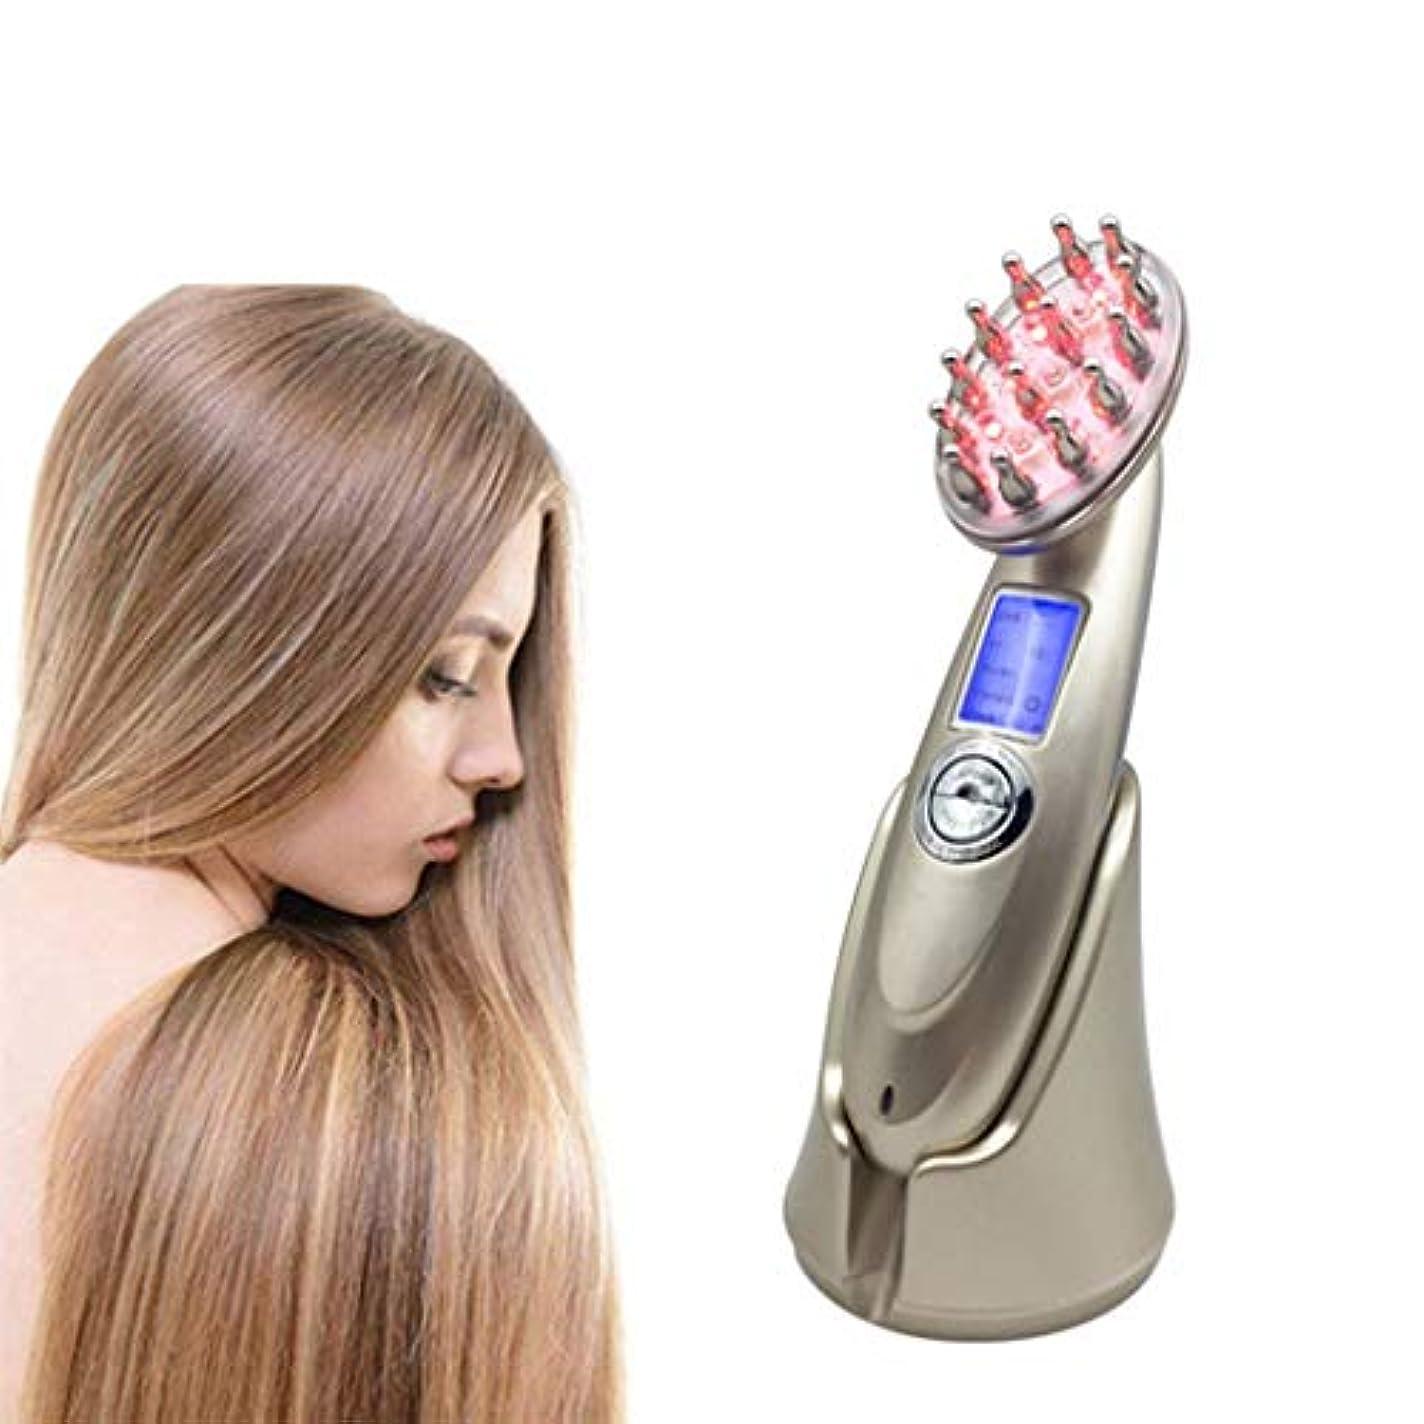 しがみつく姪前兆脱毛治療装置、レーザー + LED 光療法の毛の再生ブラシ、抗脱毛ヘッドマッサージ櫛ブラシ脱毛毛の成長抗脱毛の男性または女性